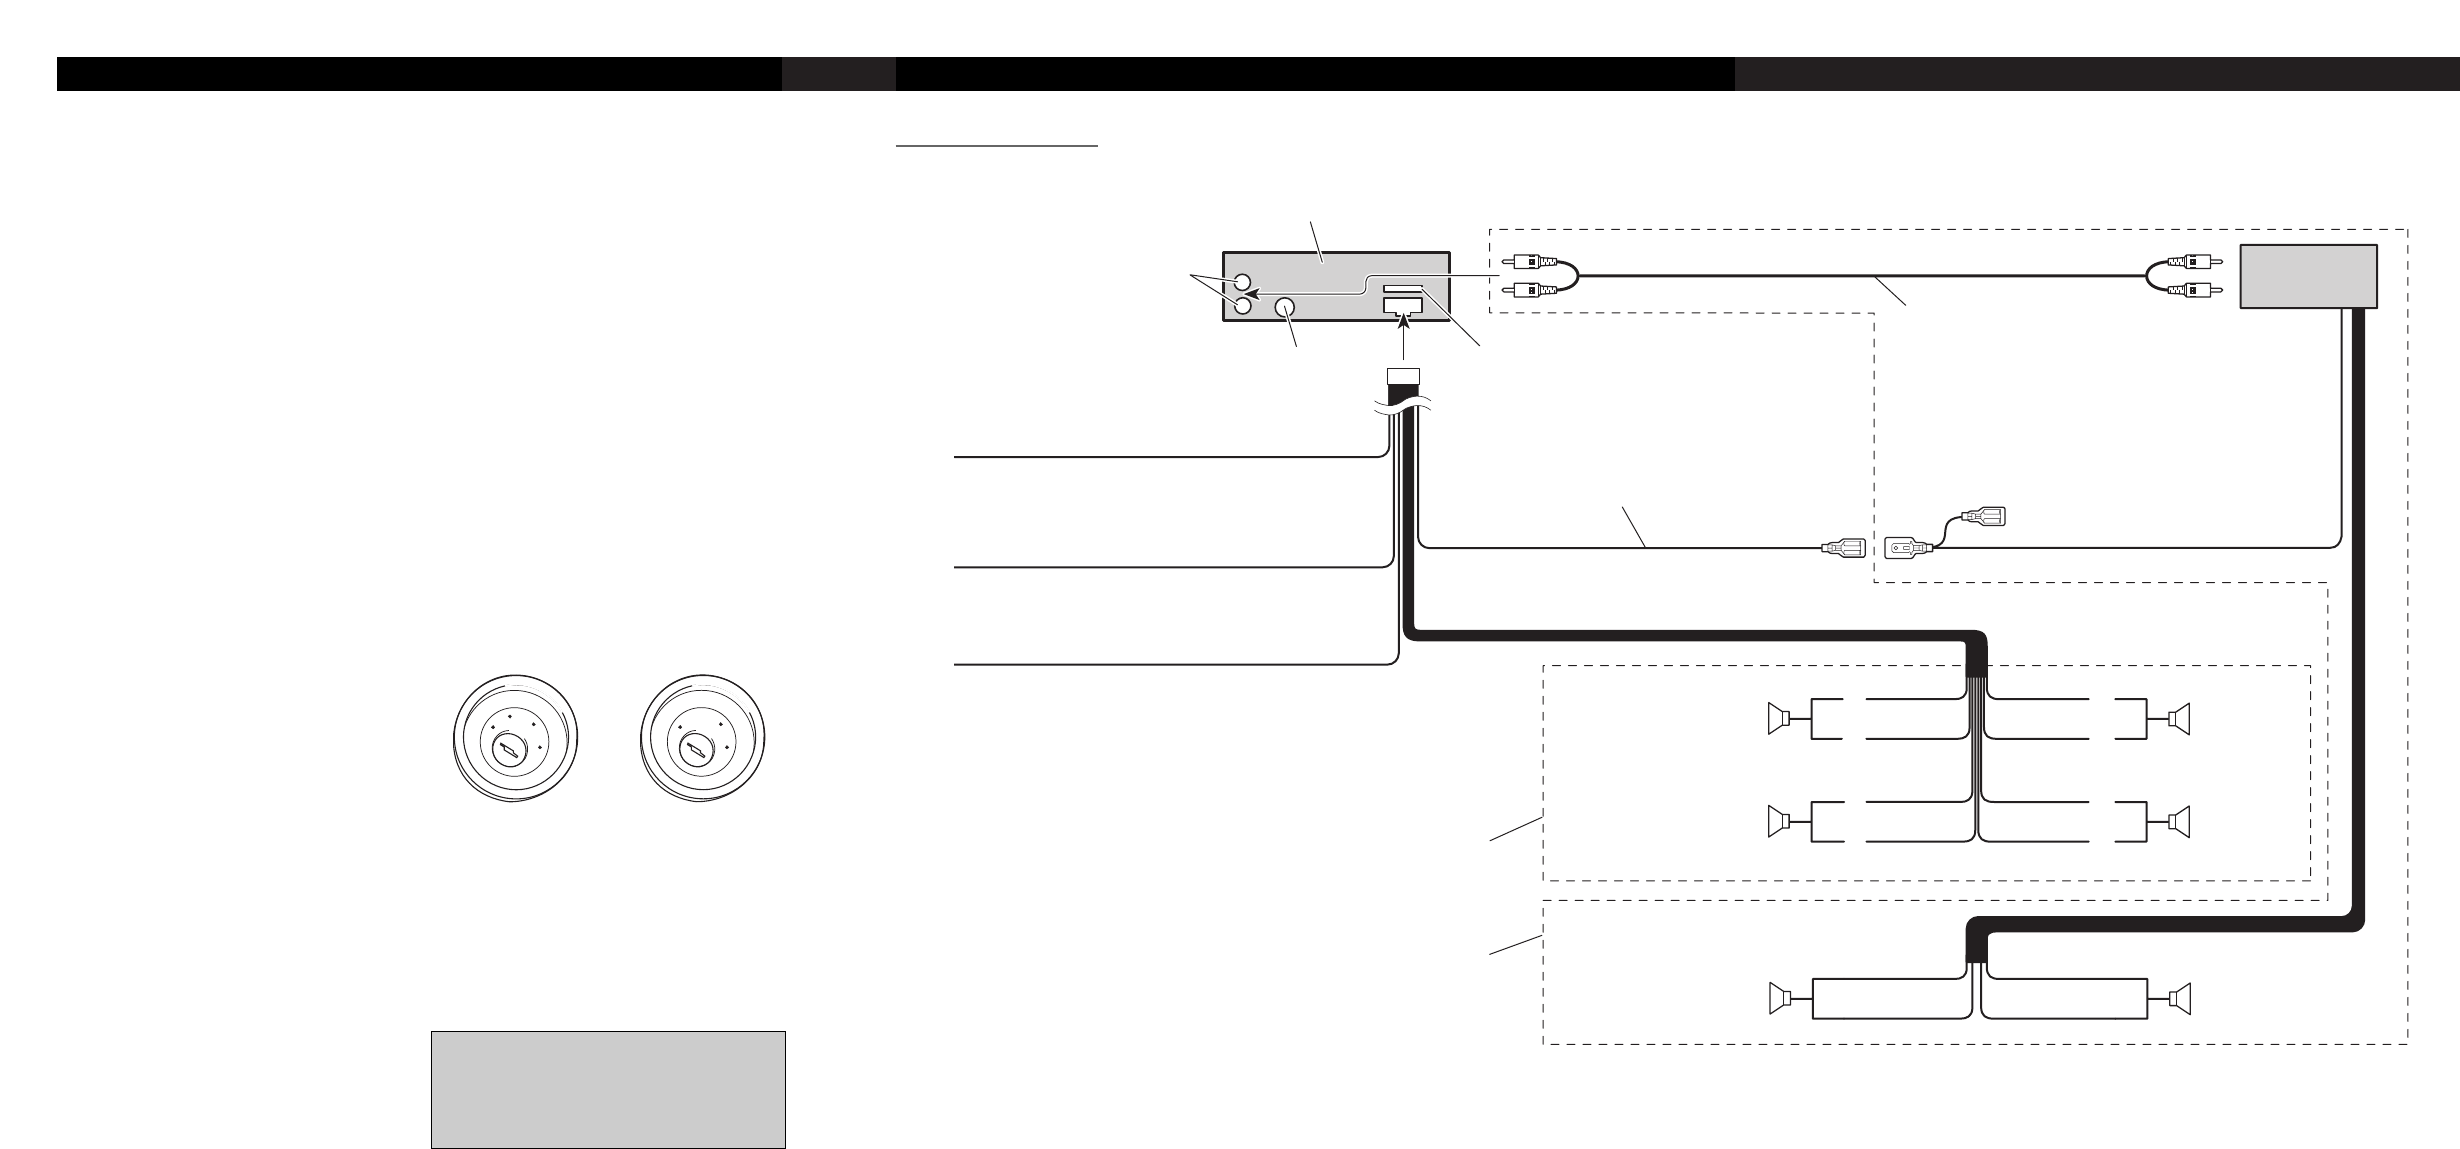 pioneer avh x3700bhs wiring diagram subwoofer wiring elsavadorla